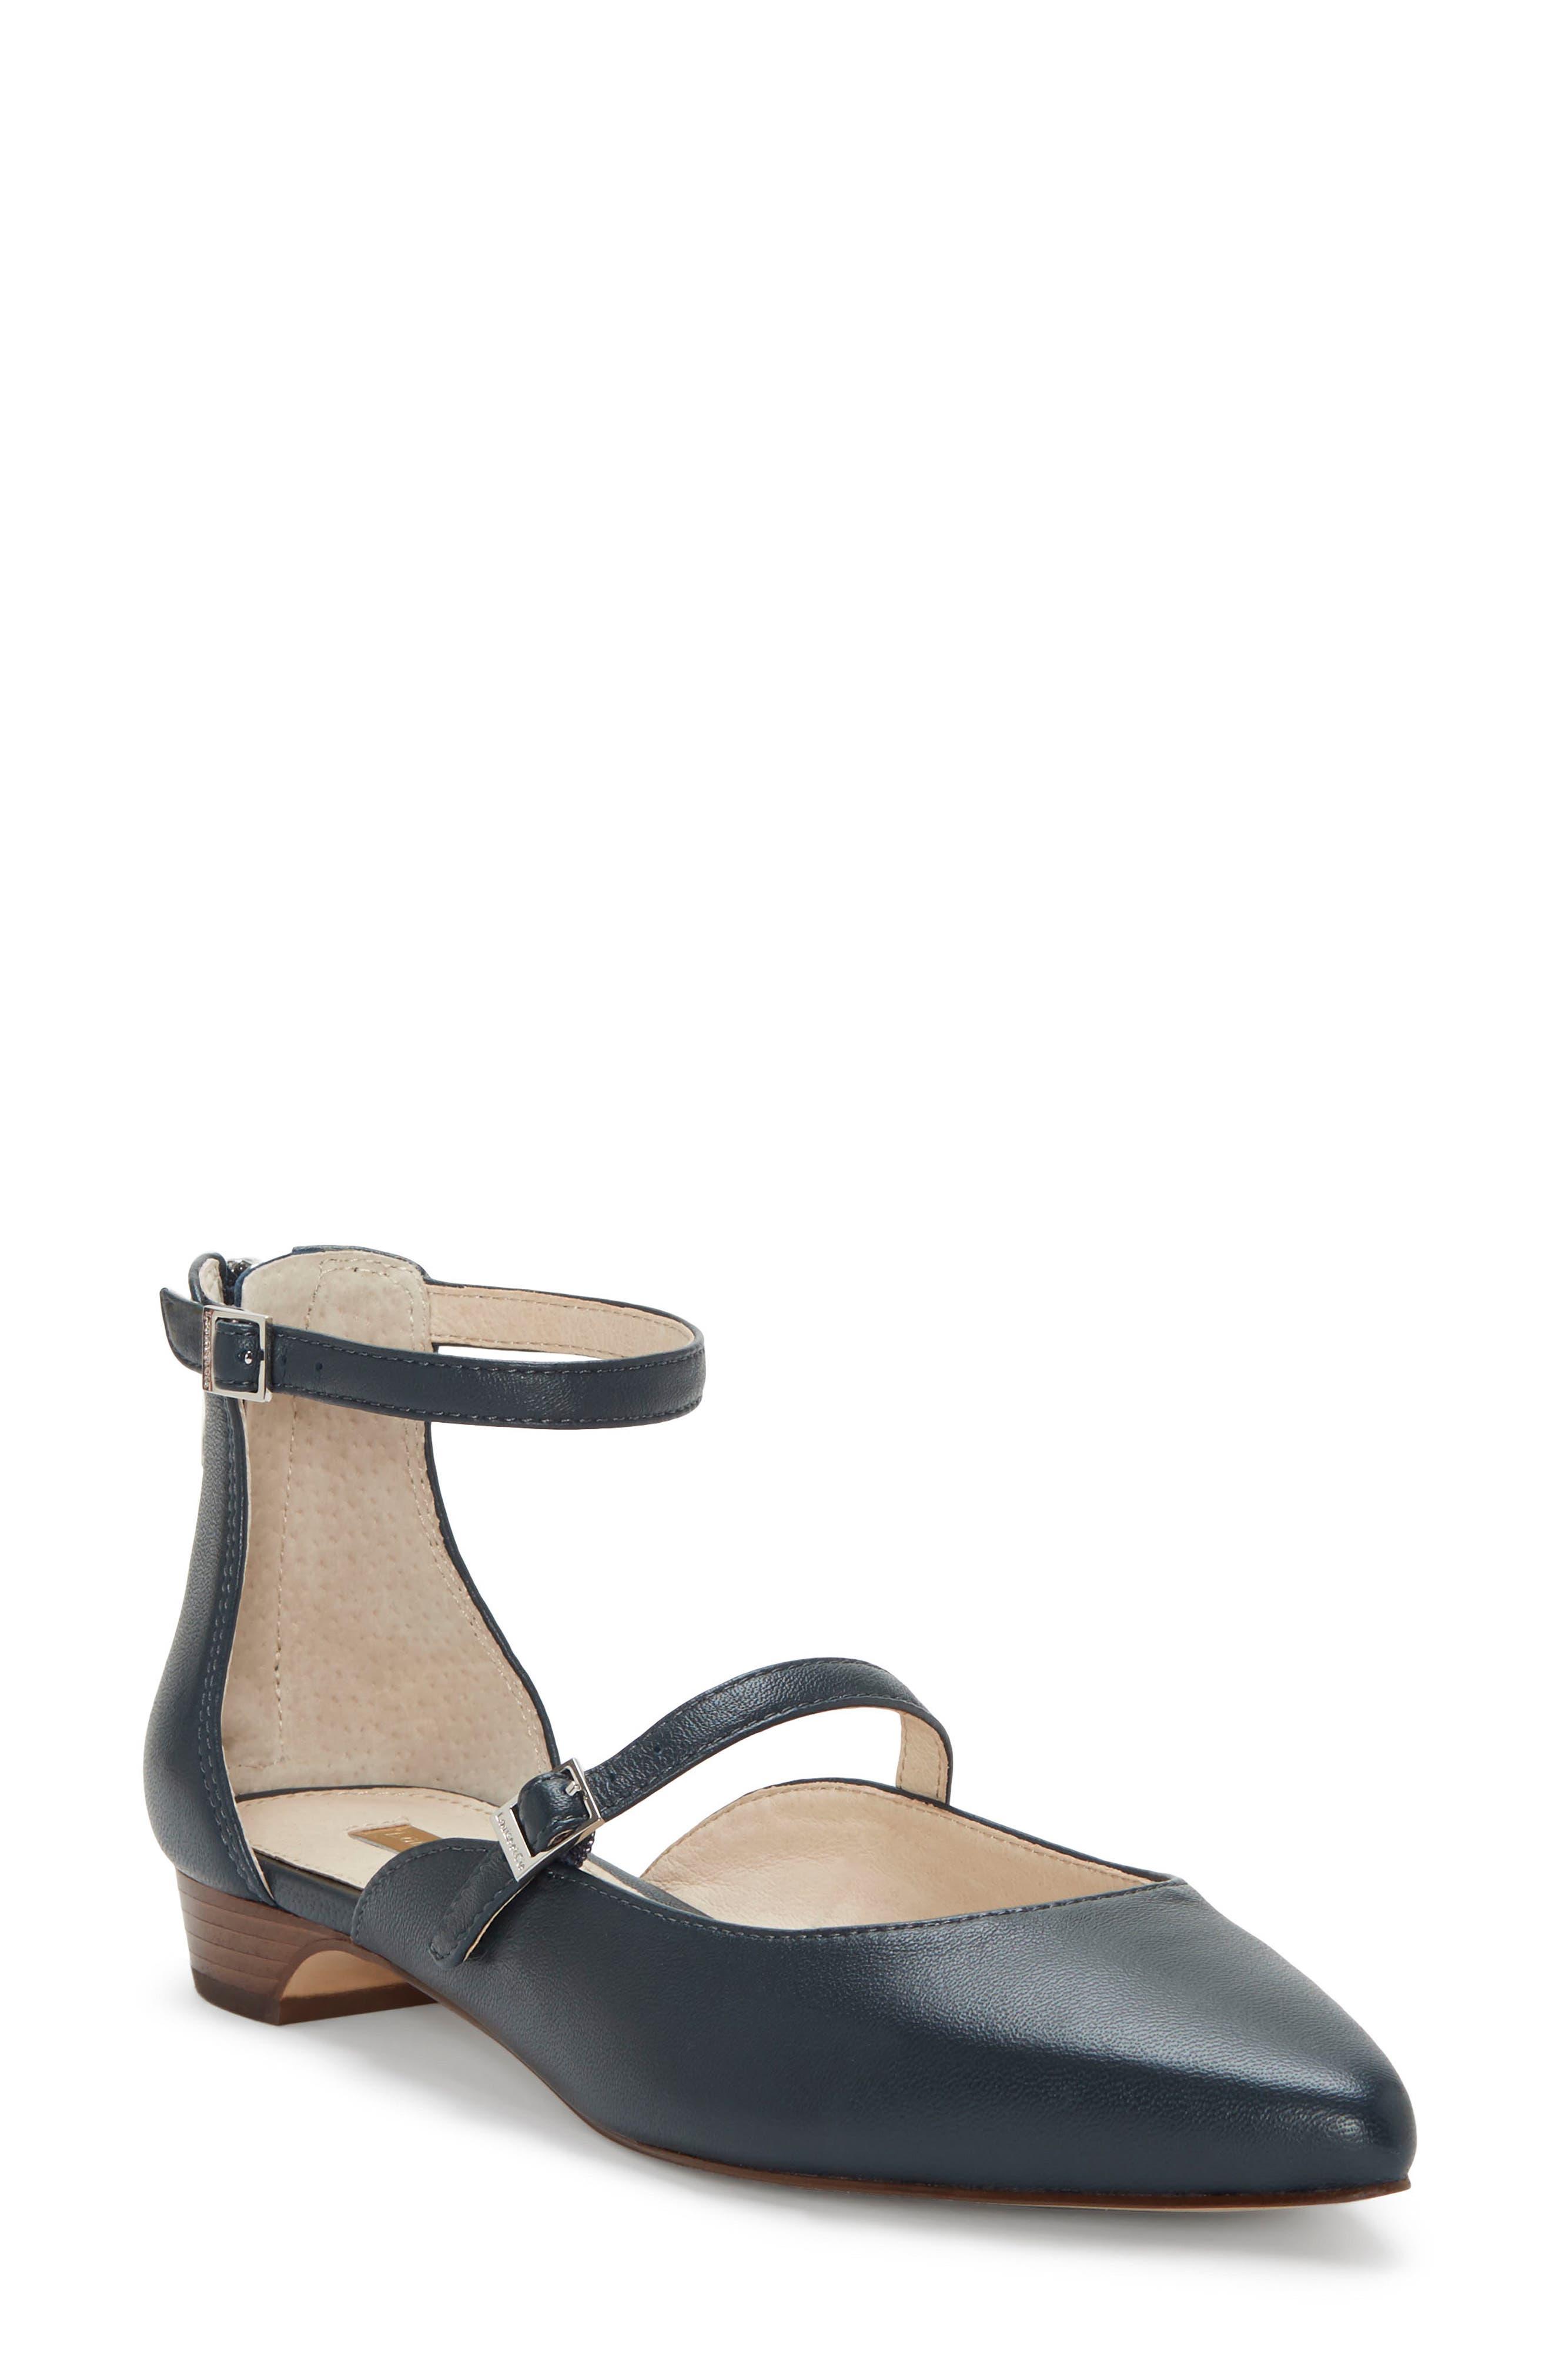 Louise Et Cie Claire Ankle Strap Flat, Blue